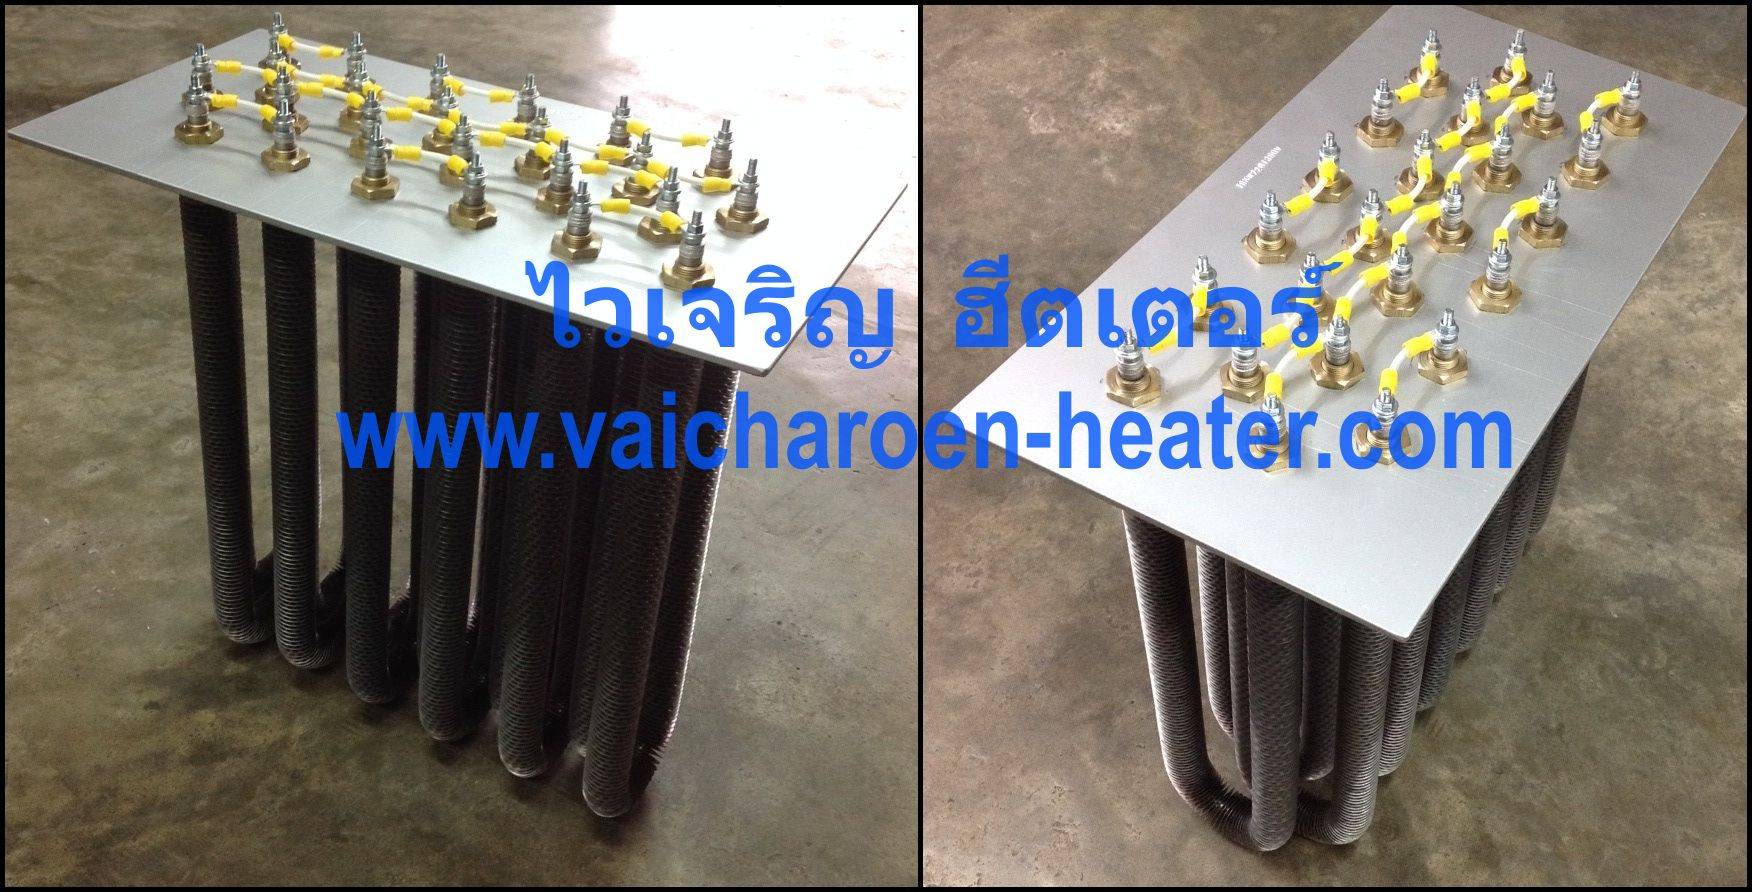 ฮีตเตอร์ลมร้อน ครีบ ตู้อบ เตาอบ ฮีทเตอร์ครีบ Fin heater